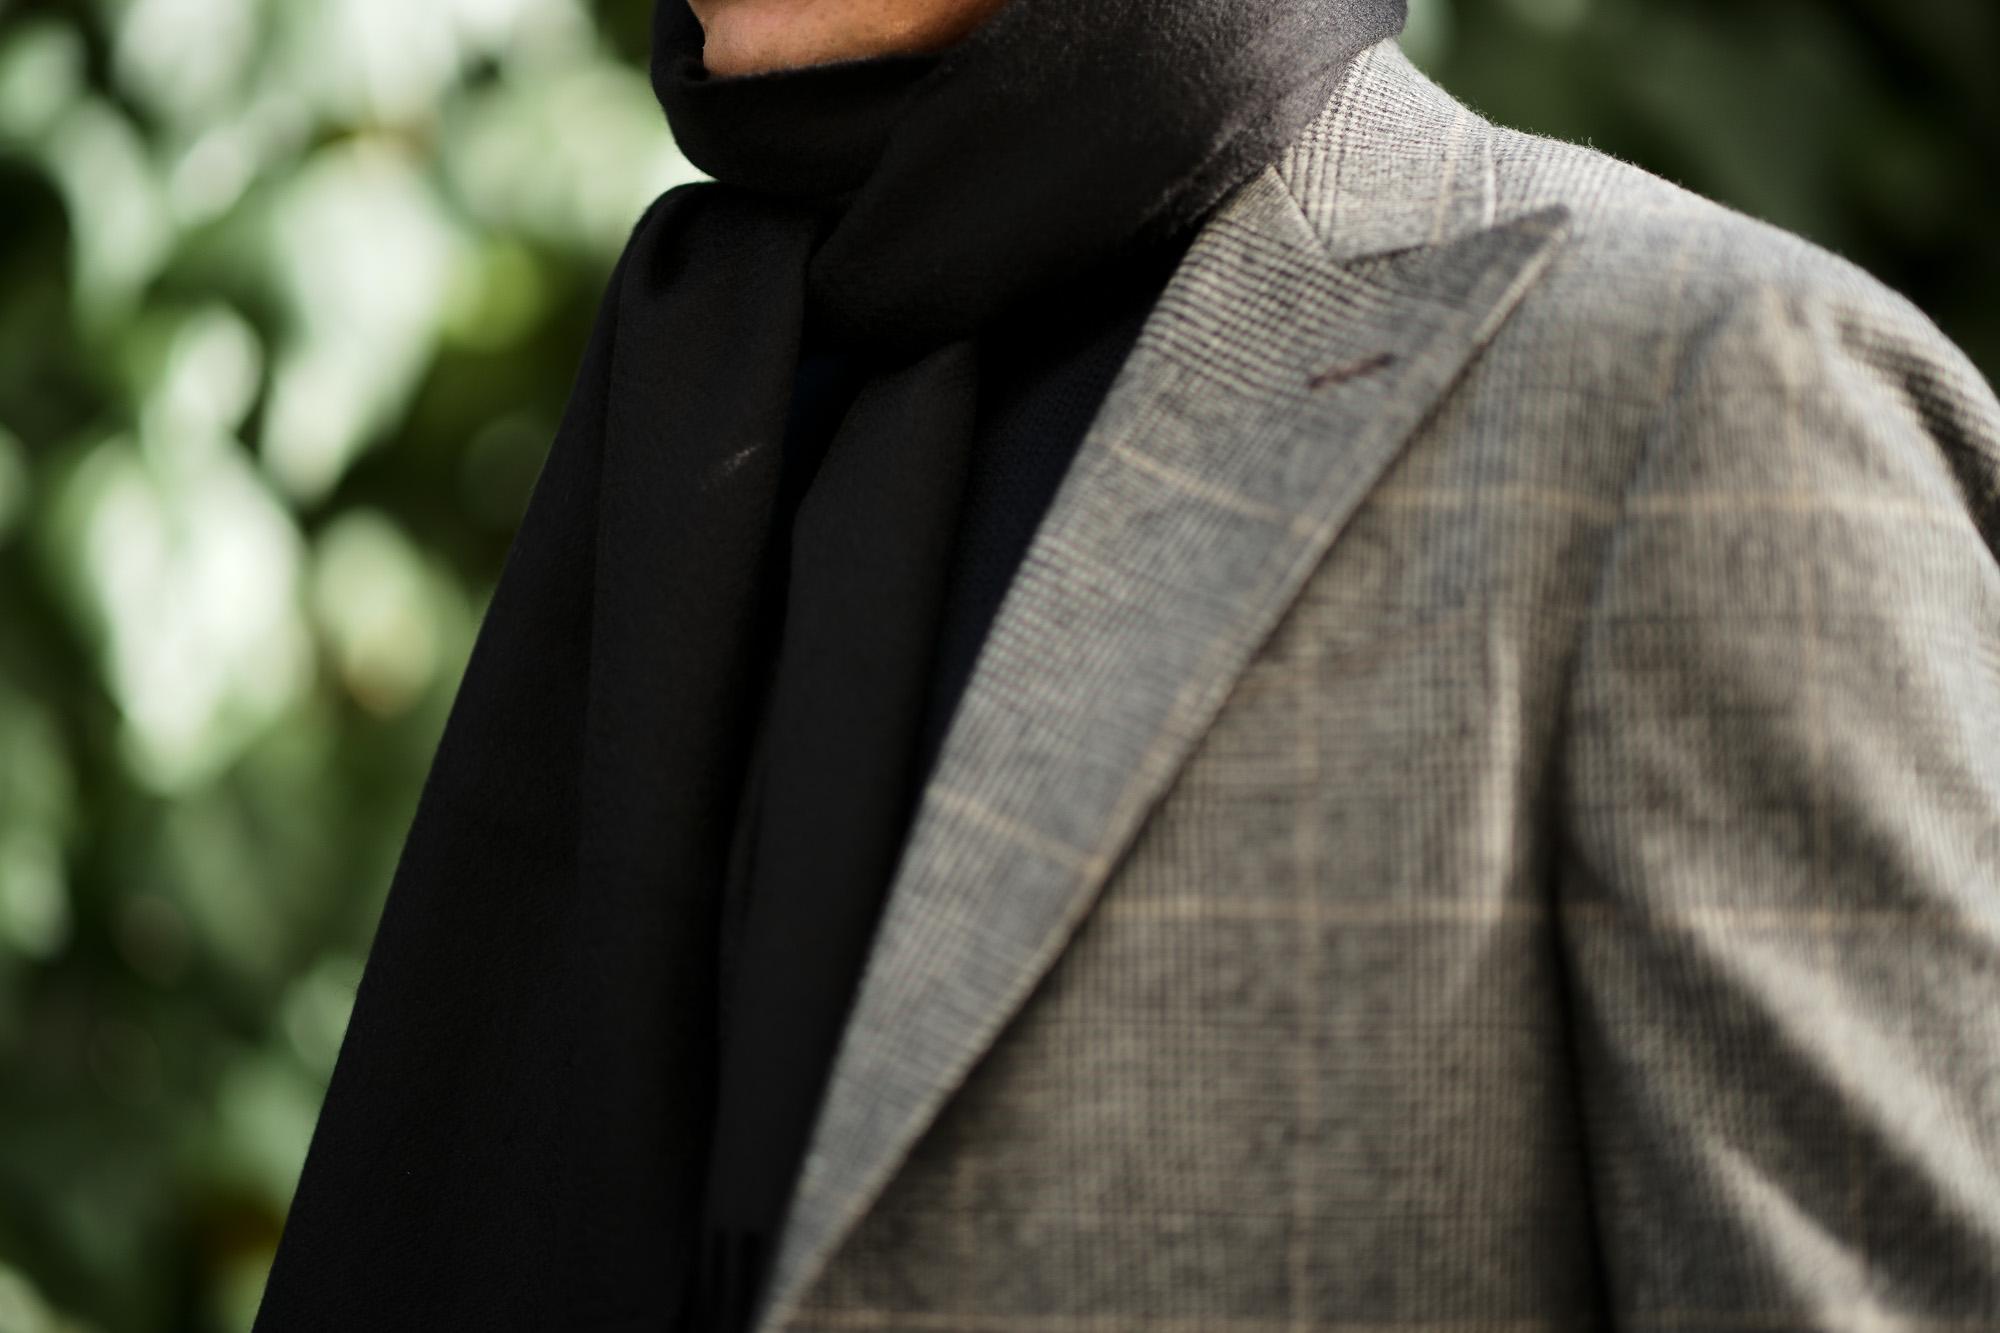 Johnstons (ジョンストンズ) WA16 MUFFLER SCARF Cashmere 100% カシミア マフラー Black (ブラック・SA0900) Made in Scotland (スコットランド製) 2018 秋冬新作 愛知 名古屋 alto e diritto altoediritto アルトエデリット ストール ジョンストンズ